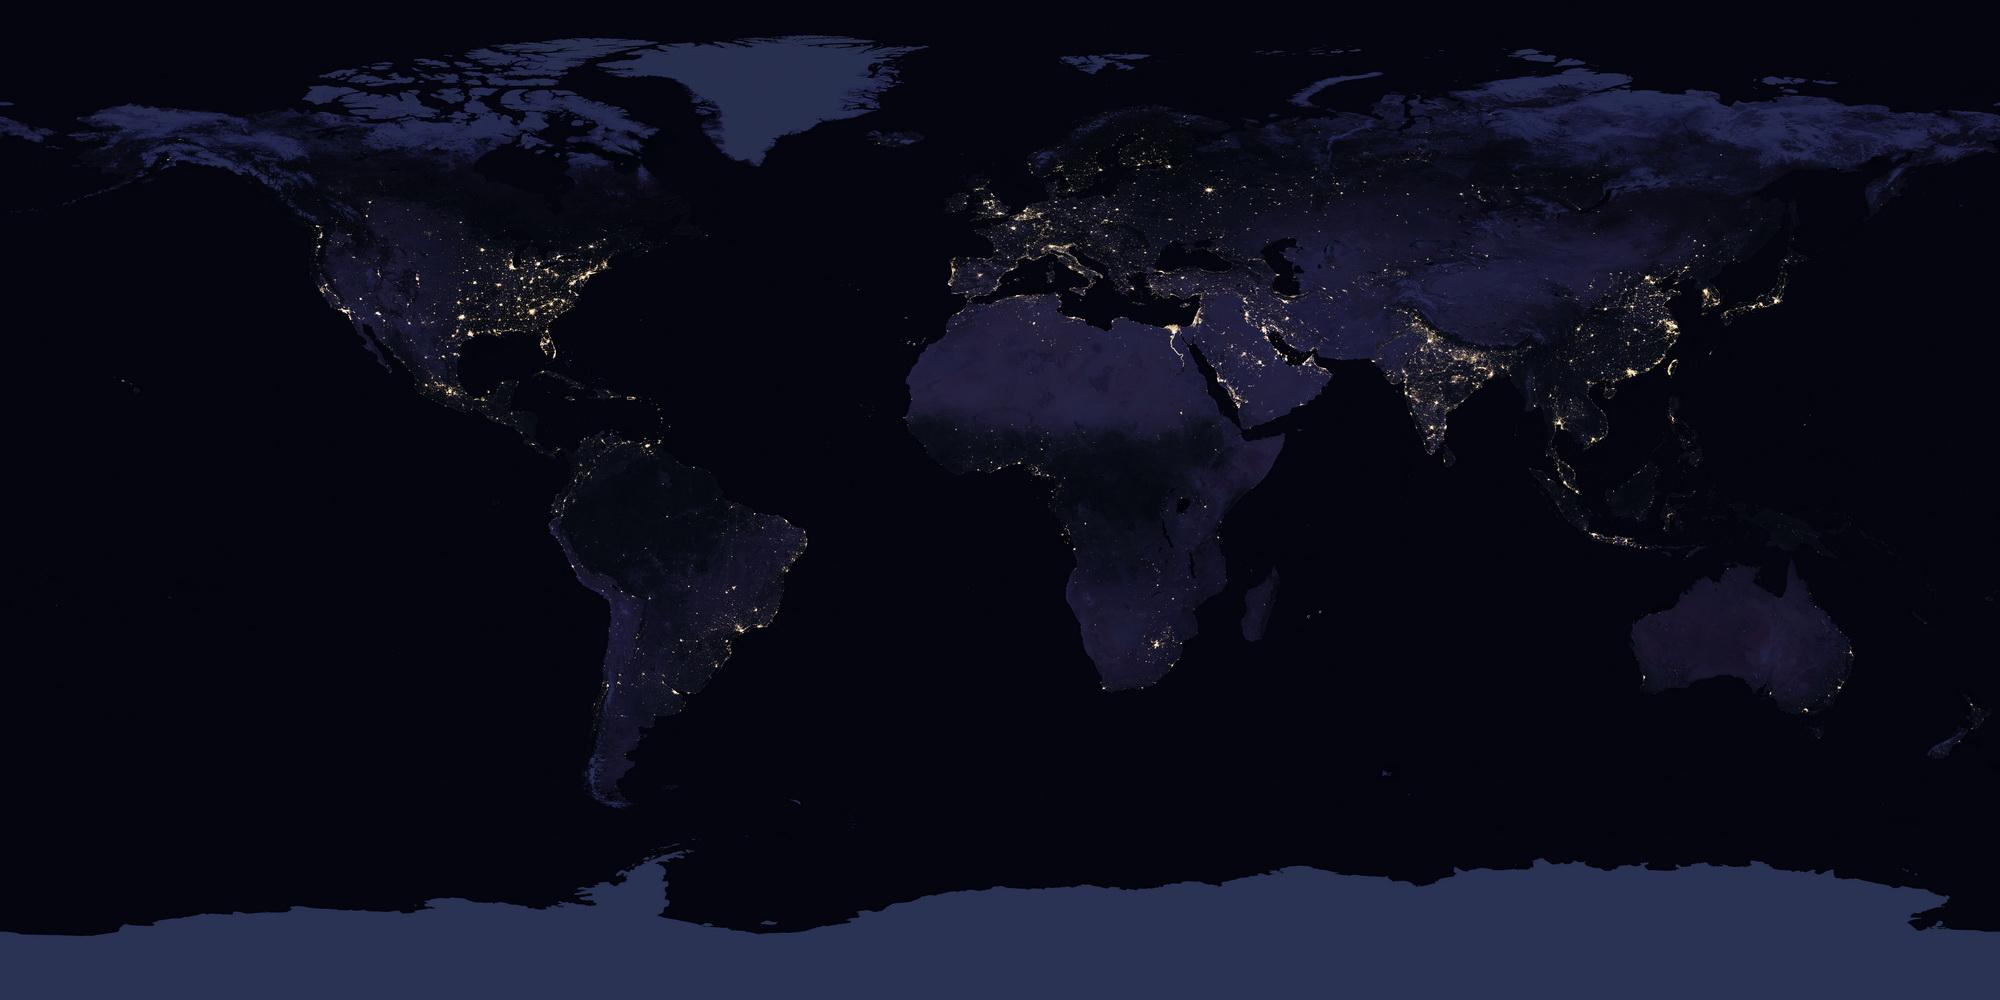 <h5>Black Marble / Mármore Preto</h5><p>Imagem do planeta Terra à noite. Fonte: NASA</p>